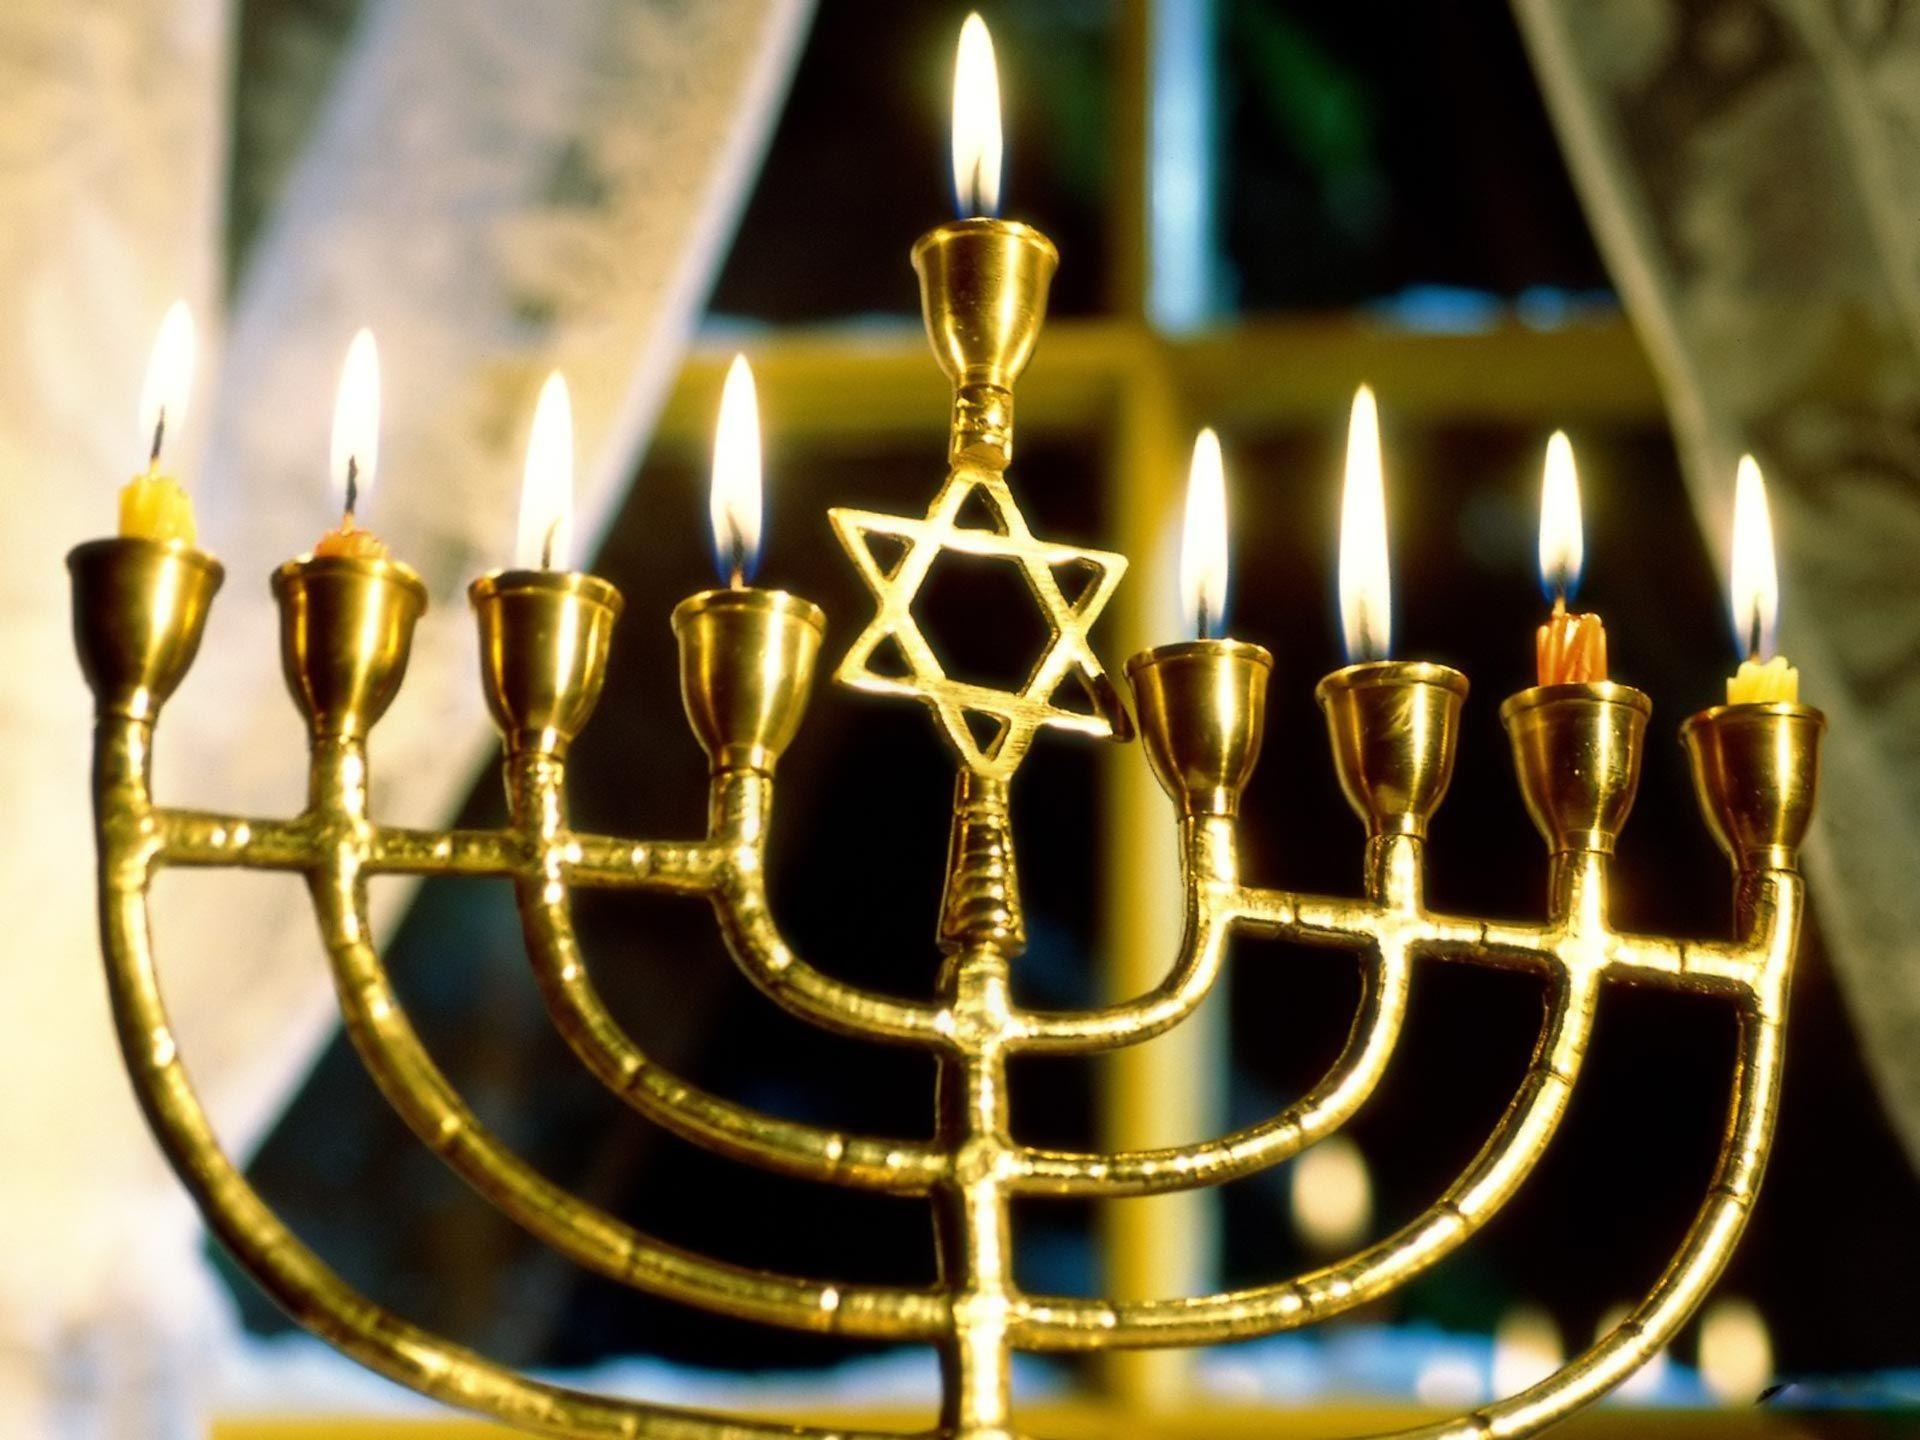 Shabbat Menorah   Hanukkah Desktop Wallpaper & Themes   Things to ...